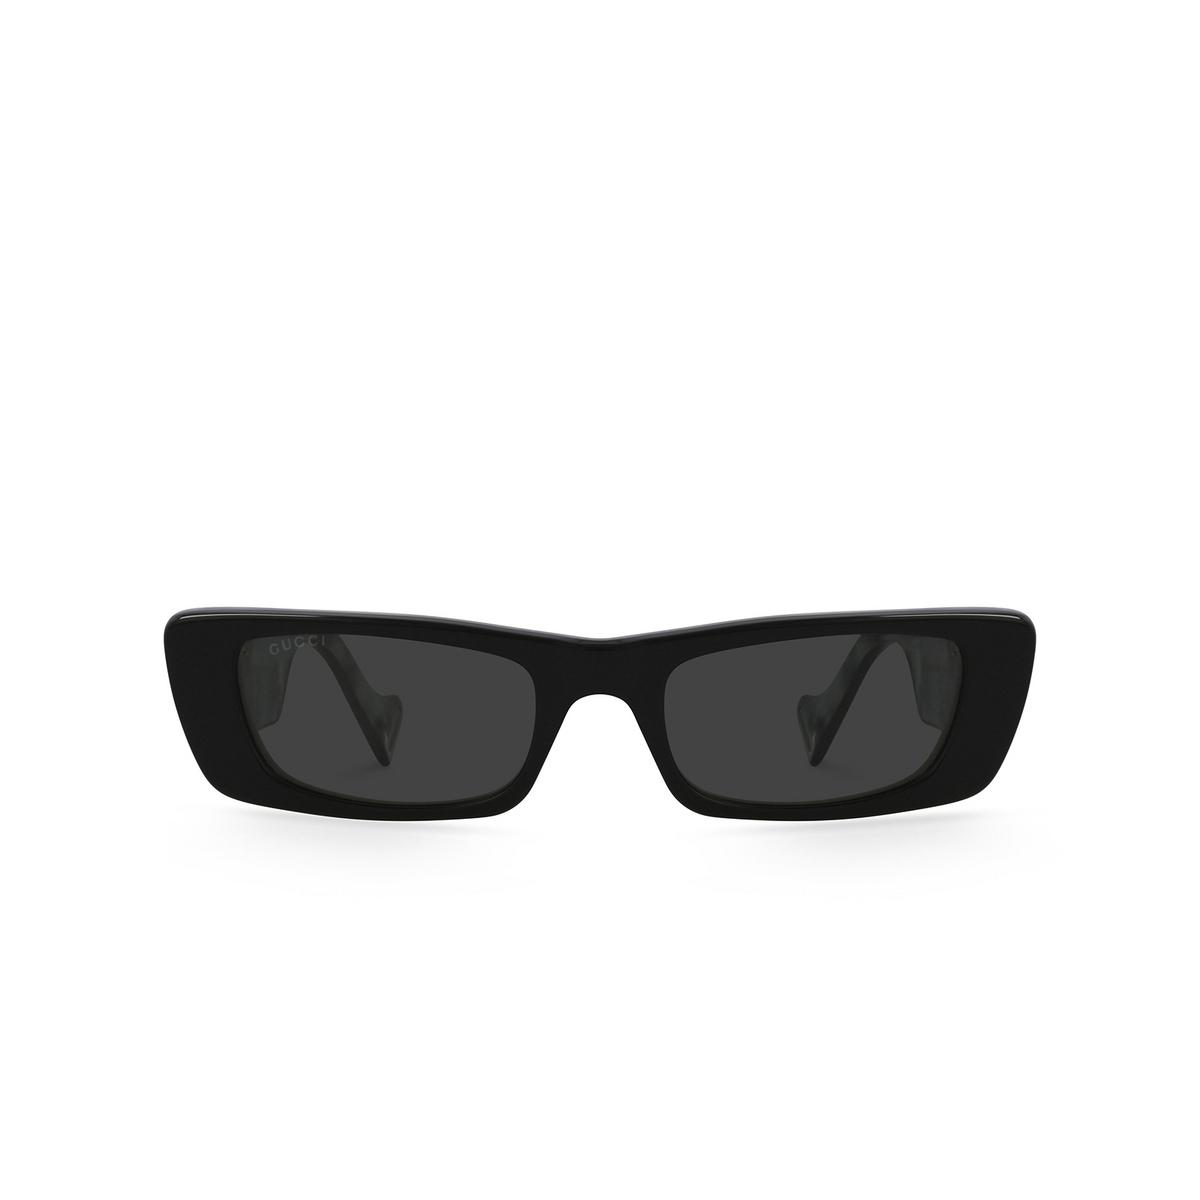 Gucci® Rectangle Sunglasses: GG0516S color Black 001.